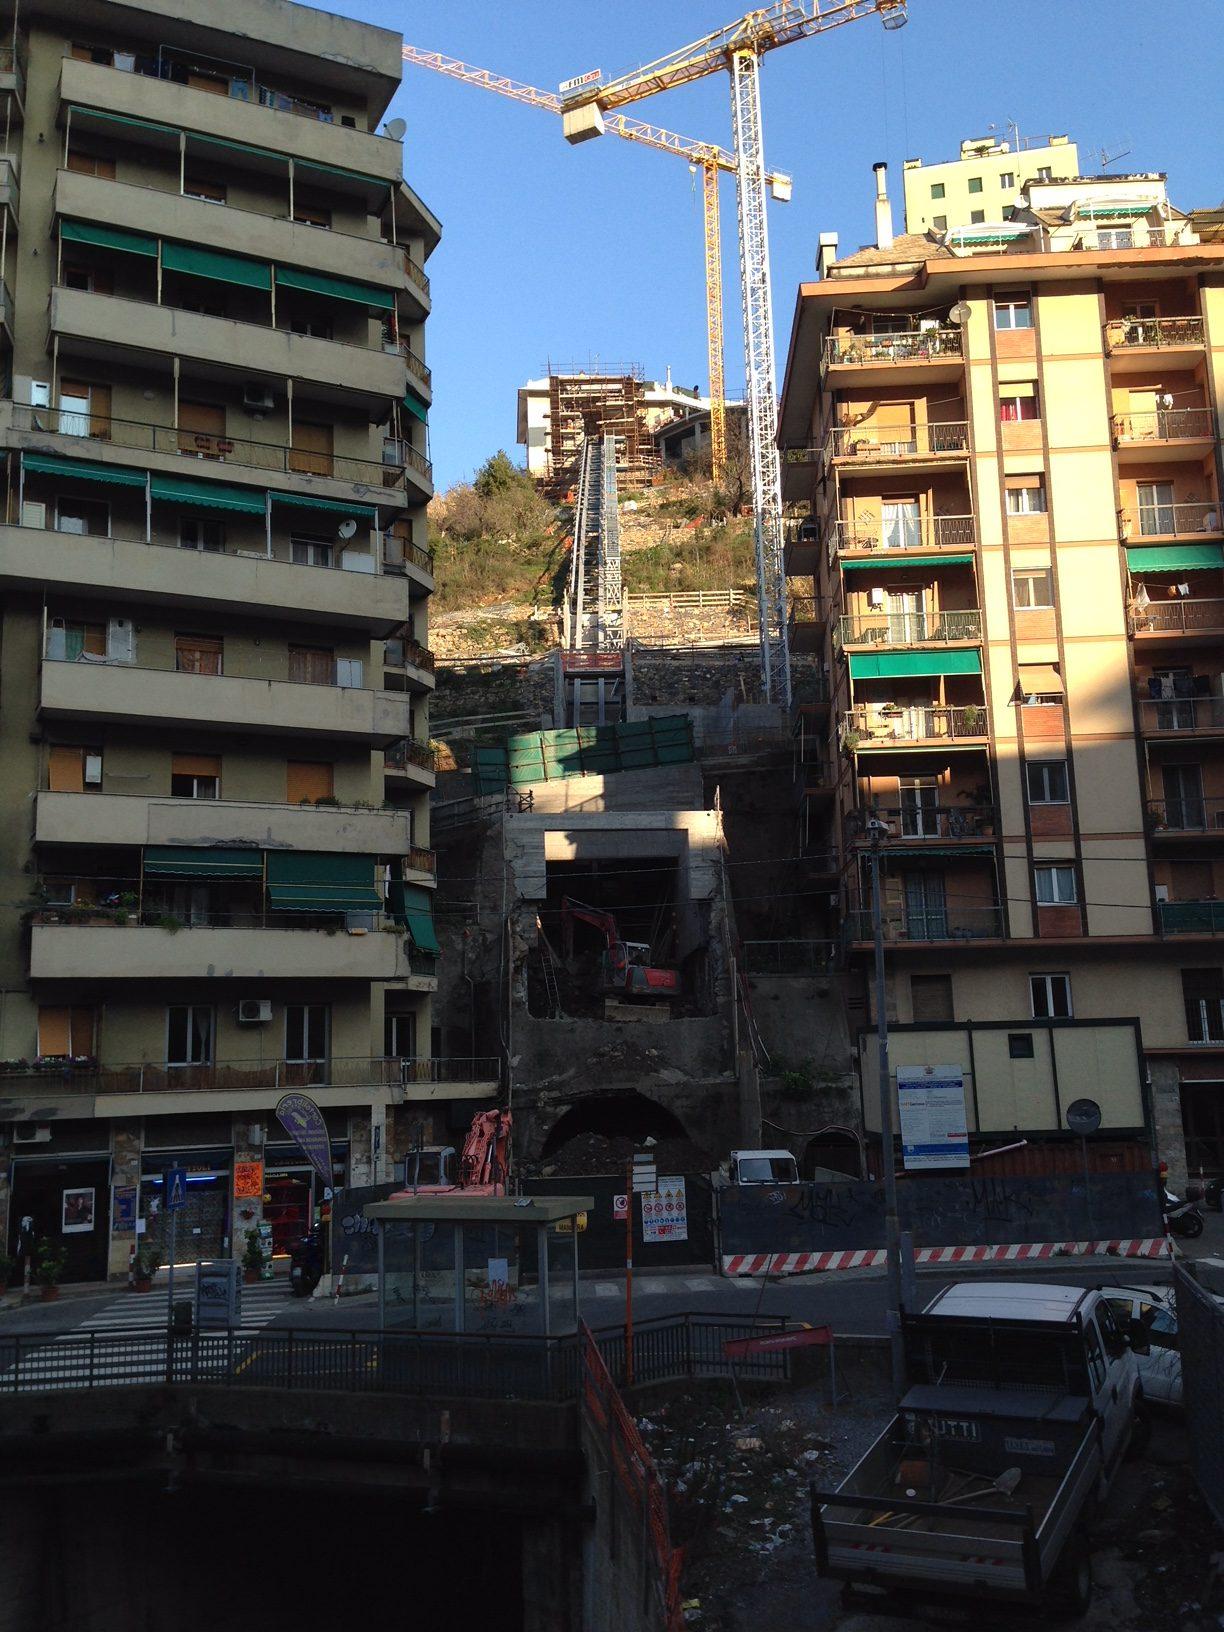 Quezzi ascensore da via Pinetti